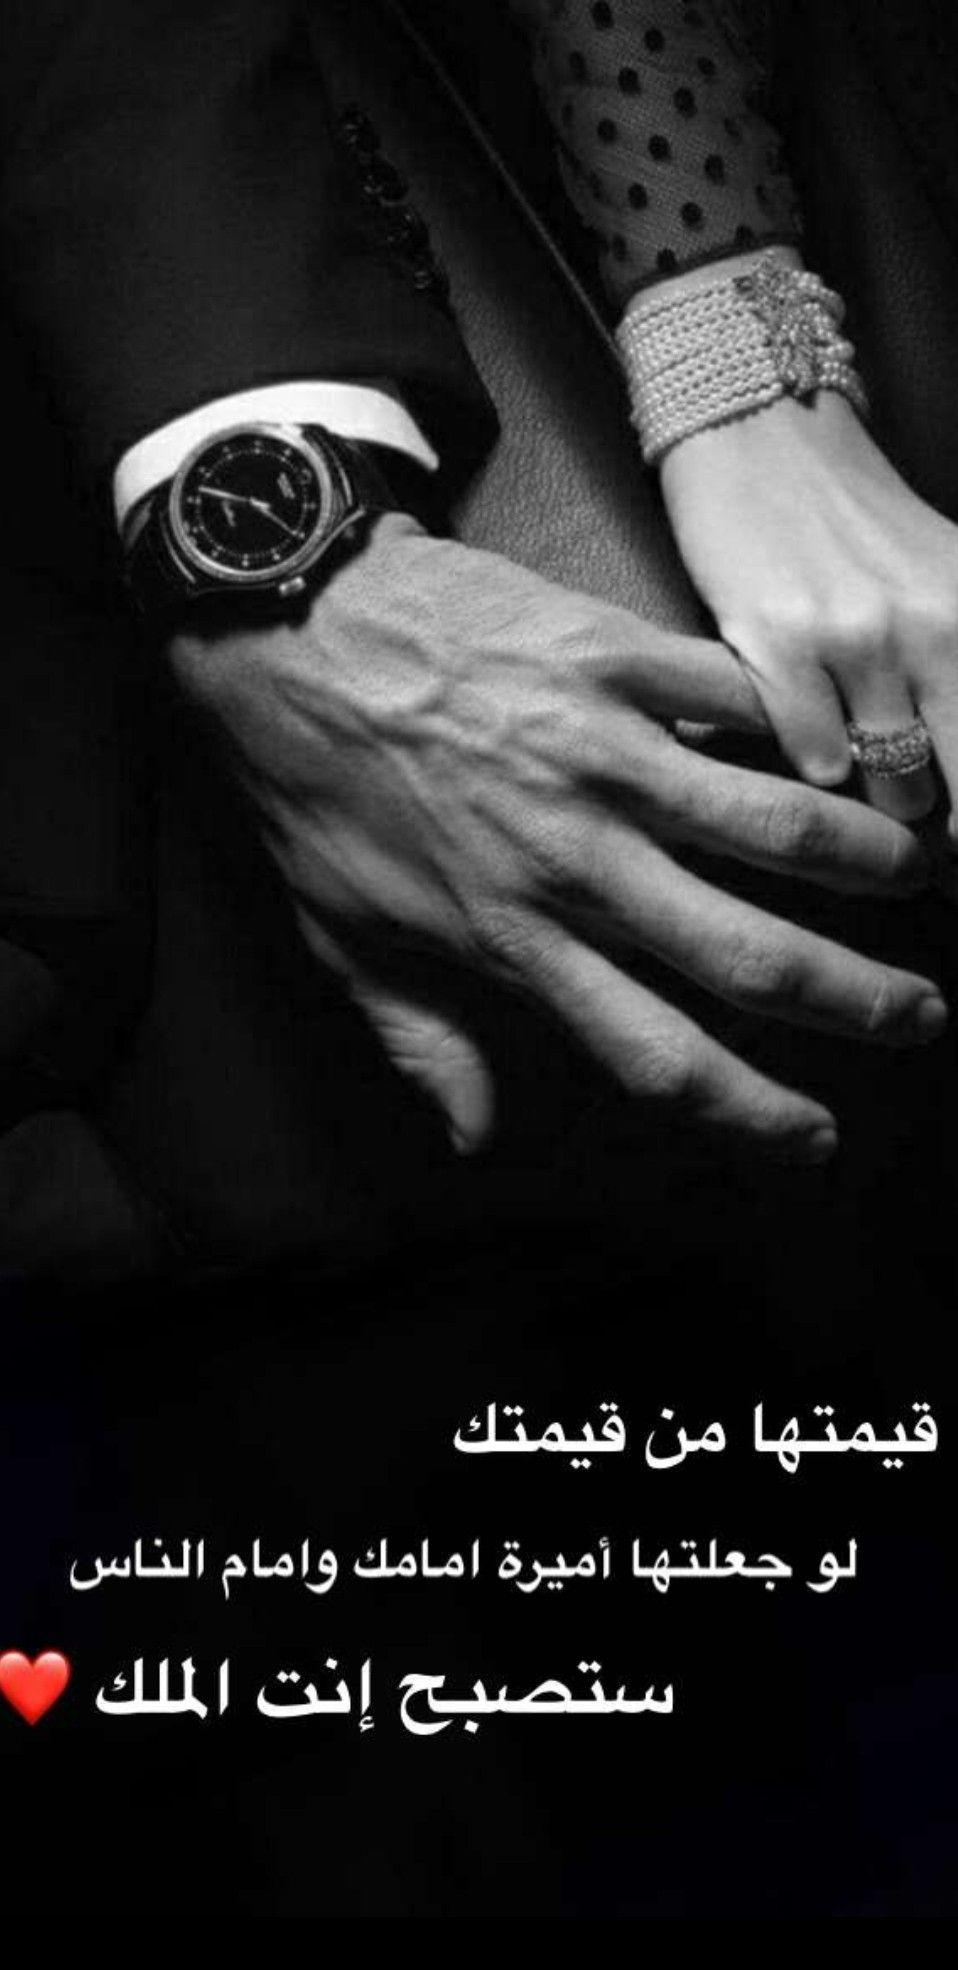 انت اميرة في قلبي و الاخرون مجرد الاشخاص مؤقتين في حياتي سياتي مثلهم و سيرحلون ولكن مثلك لا مثيل لك احبك يا من حولت ك Quotations Amazing Quotes Sweet Words